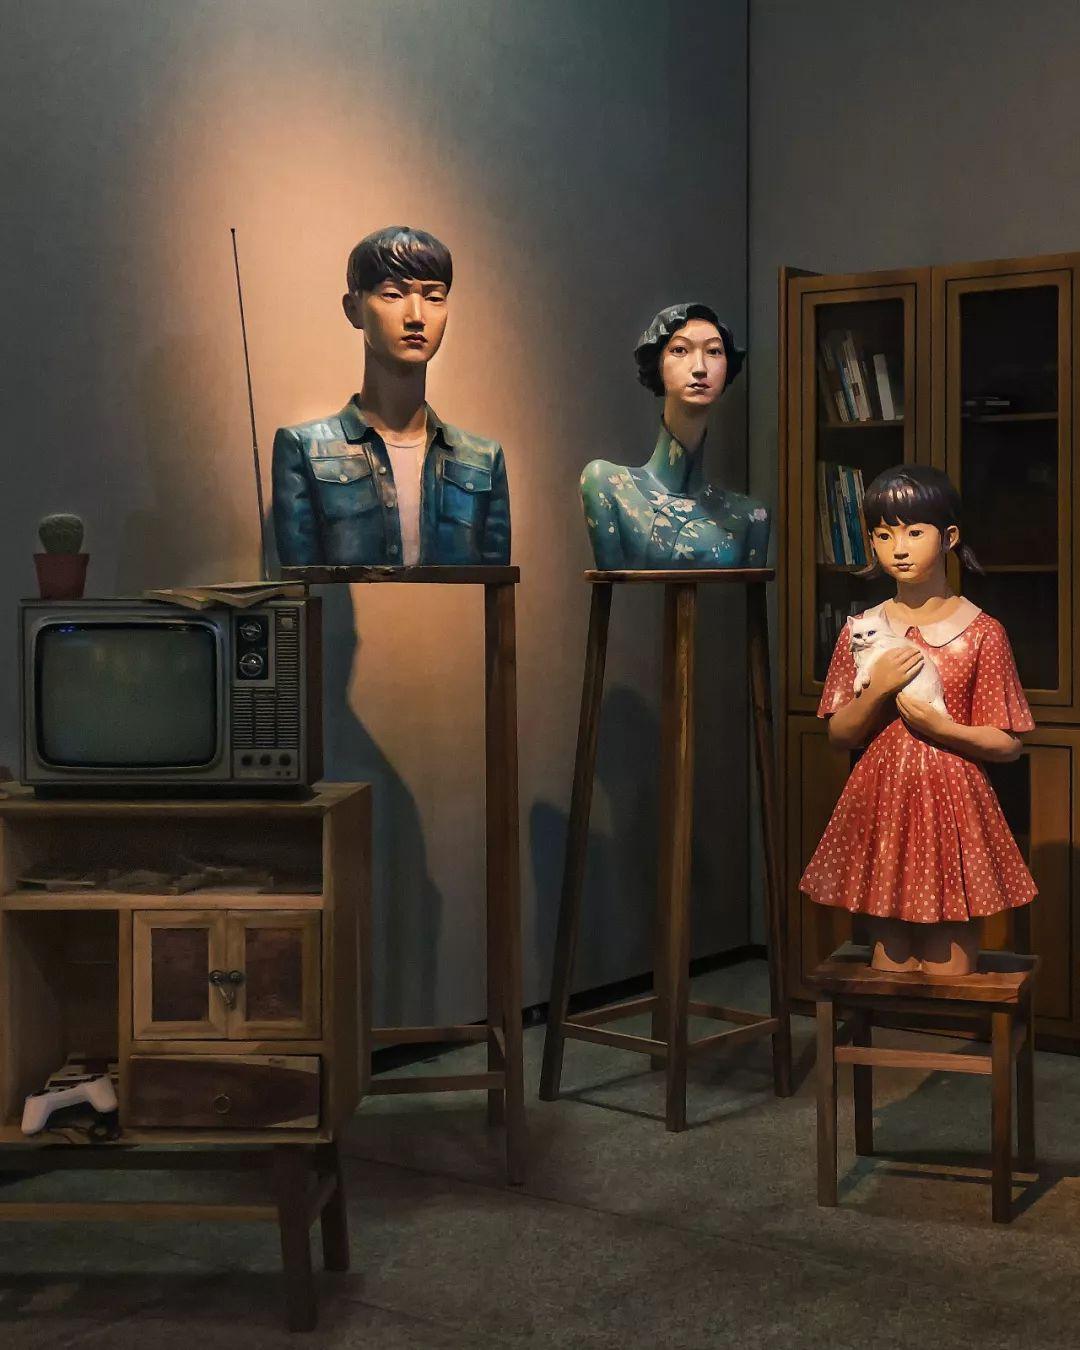 第十三届全国美展·雕塑作品展插图385